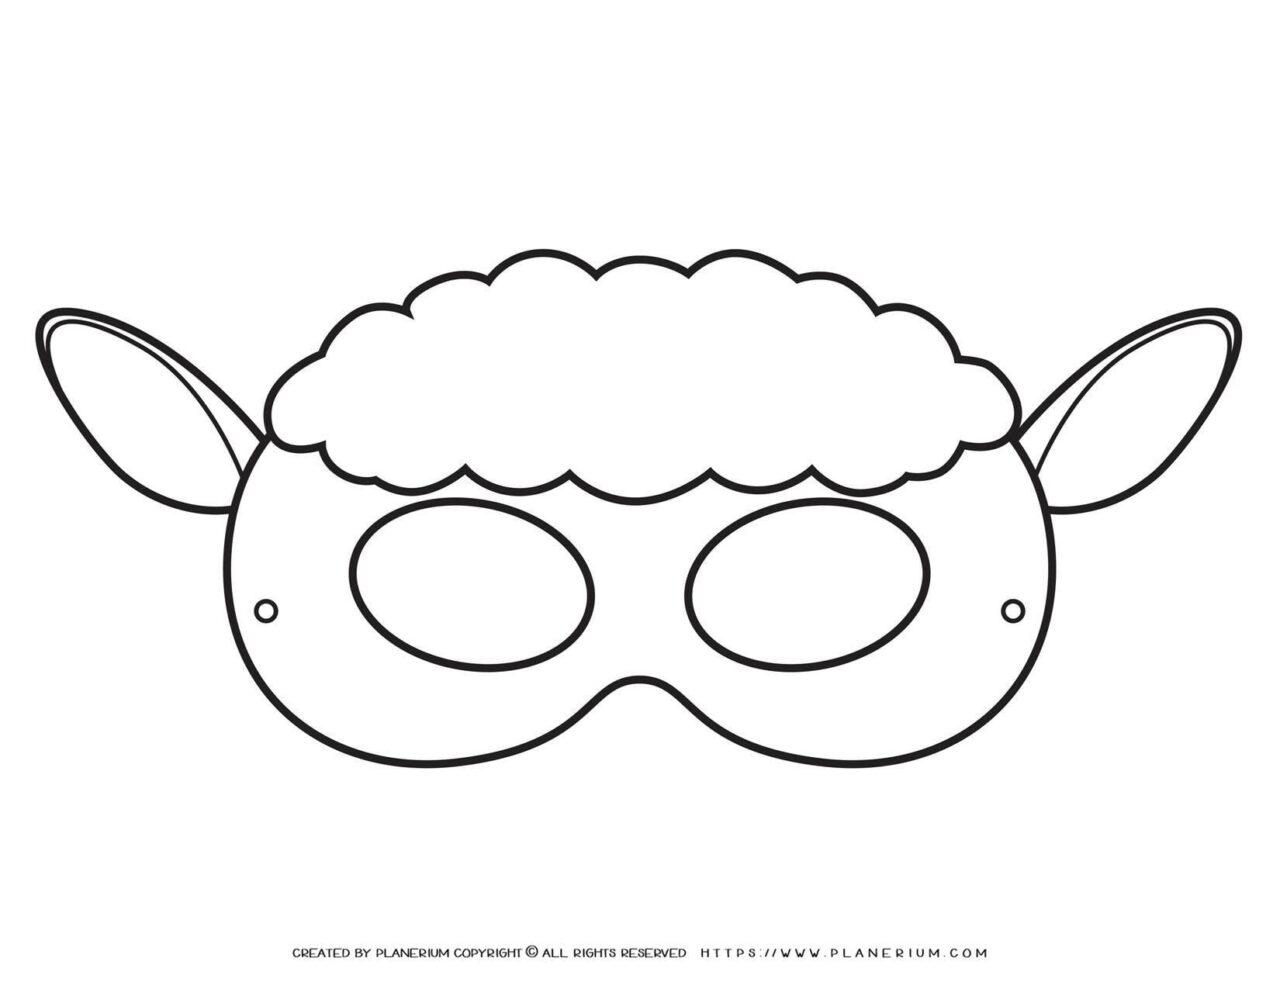 Animal Masks - Sheep Eye Mask   Planerium